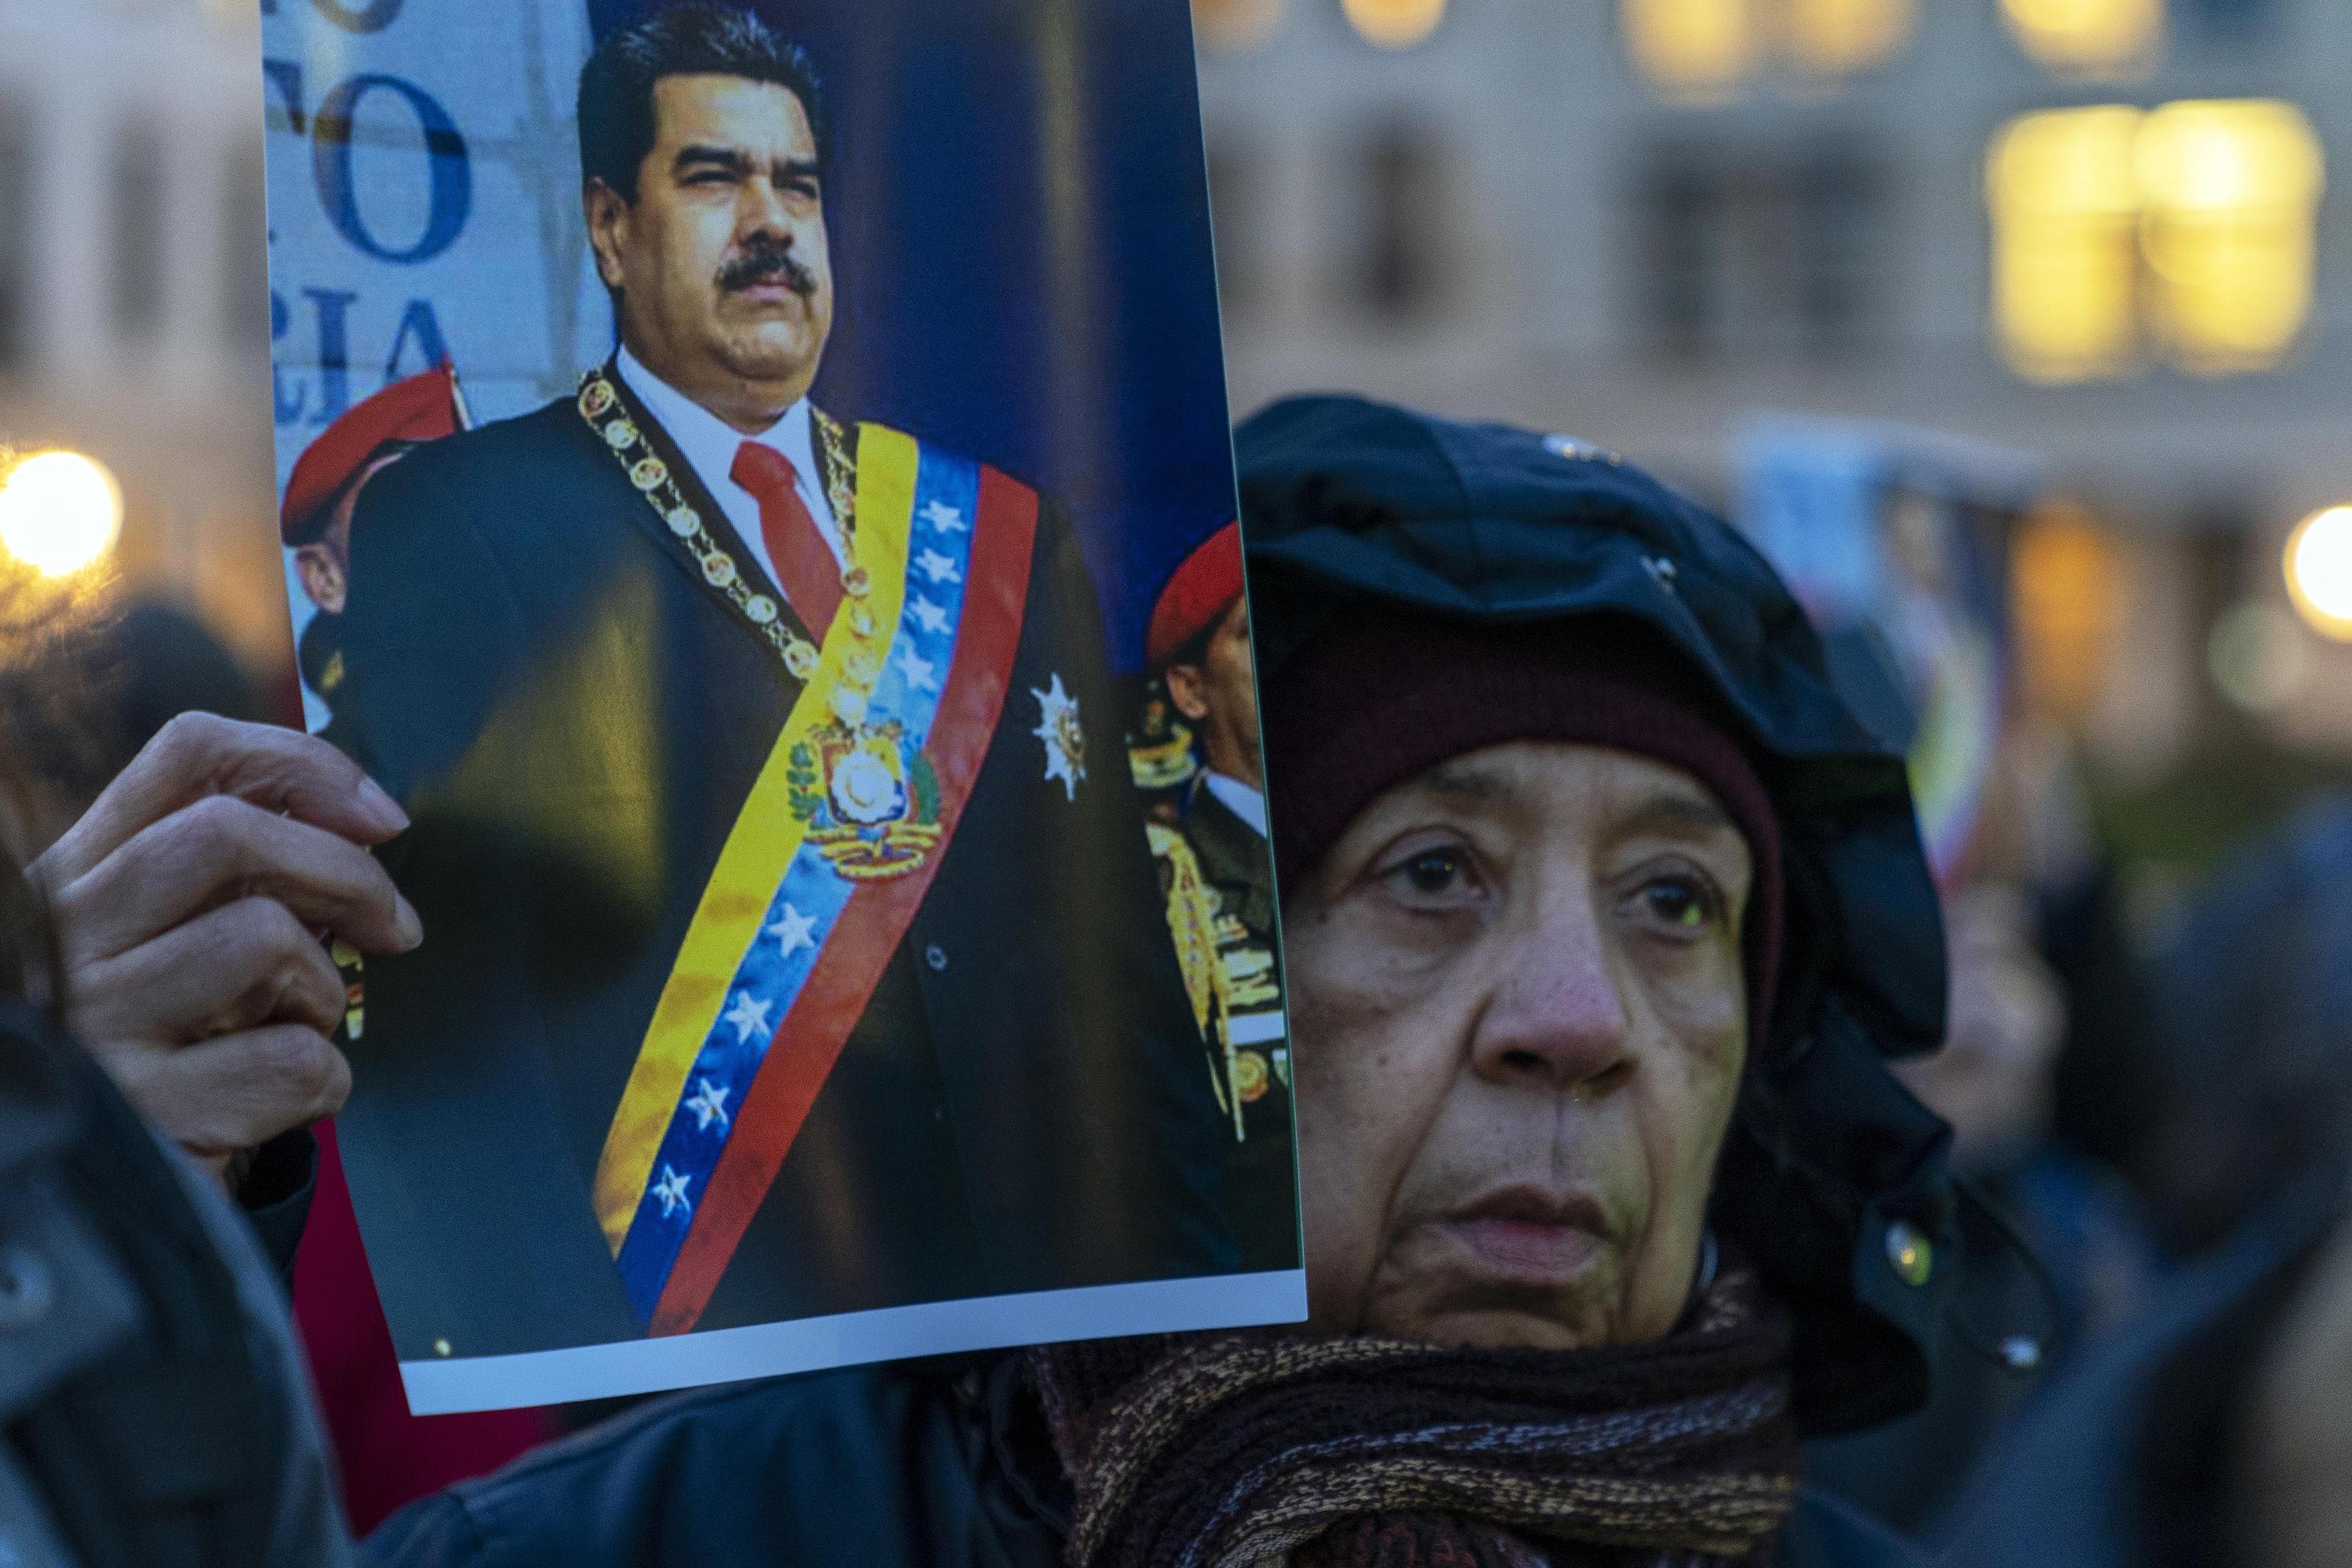 Una donna a Berlino tiene il ritratto di Nicolas Maduro